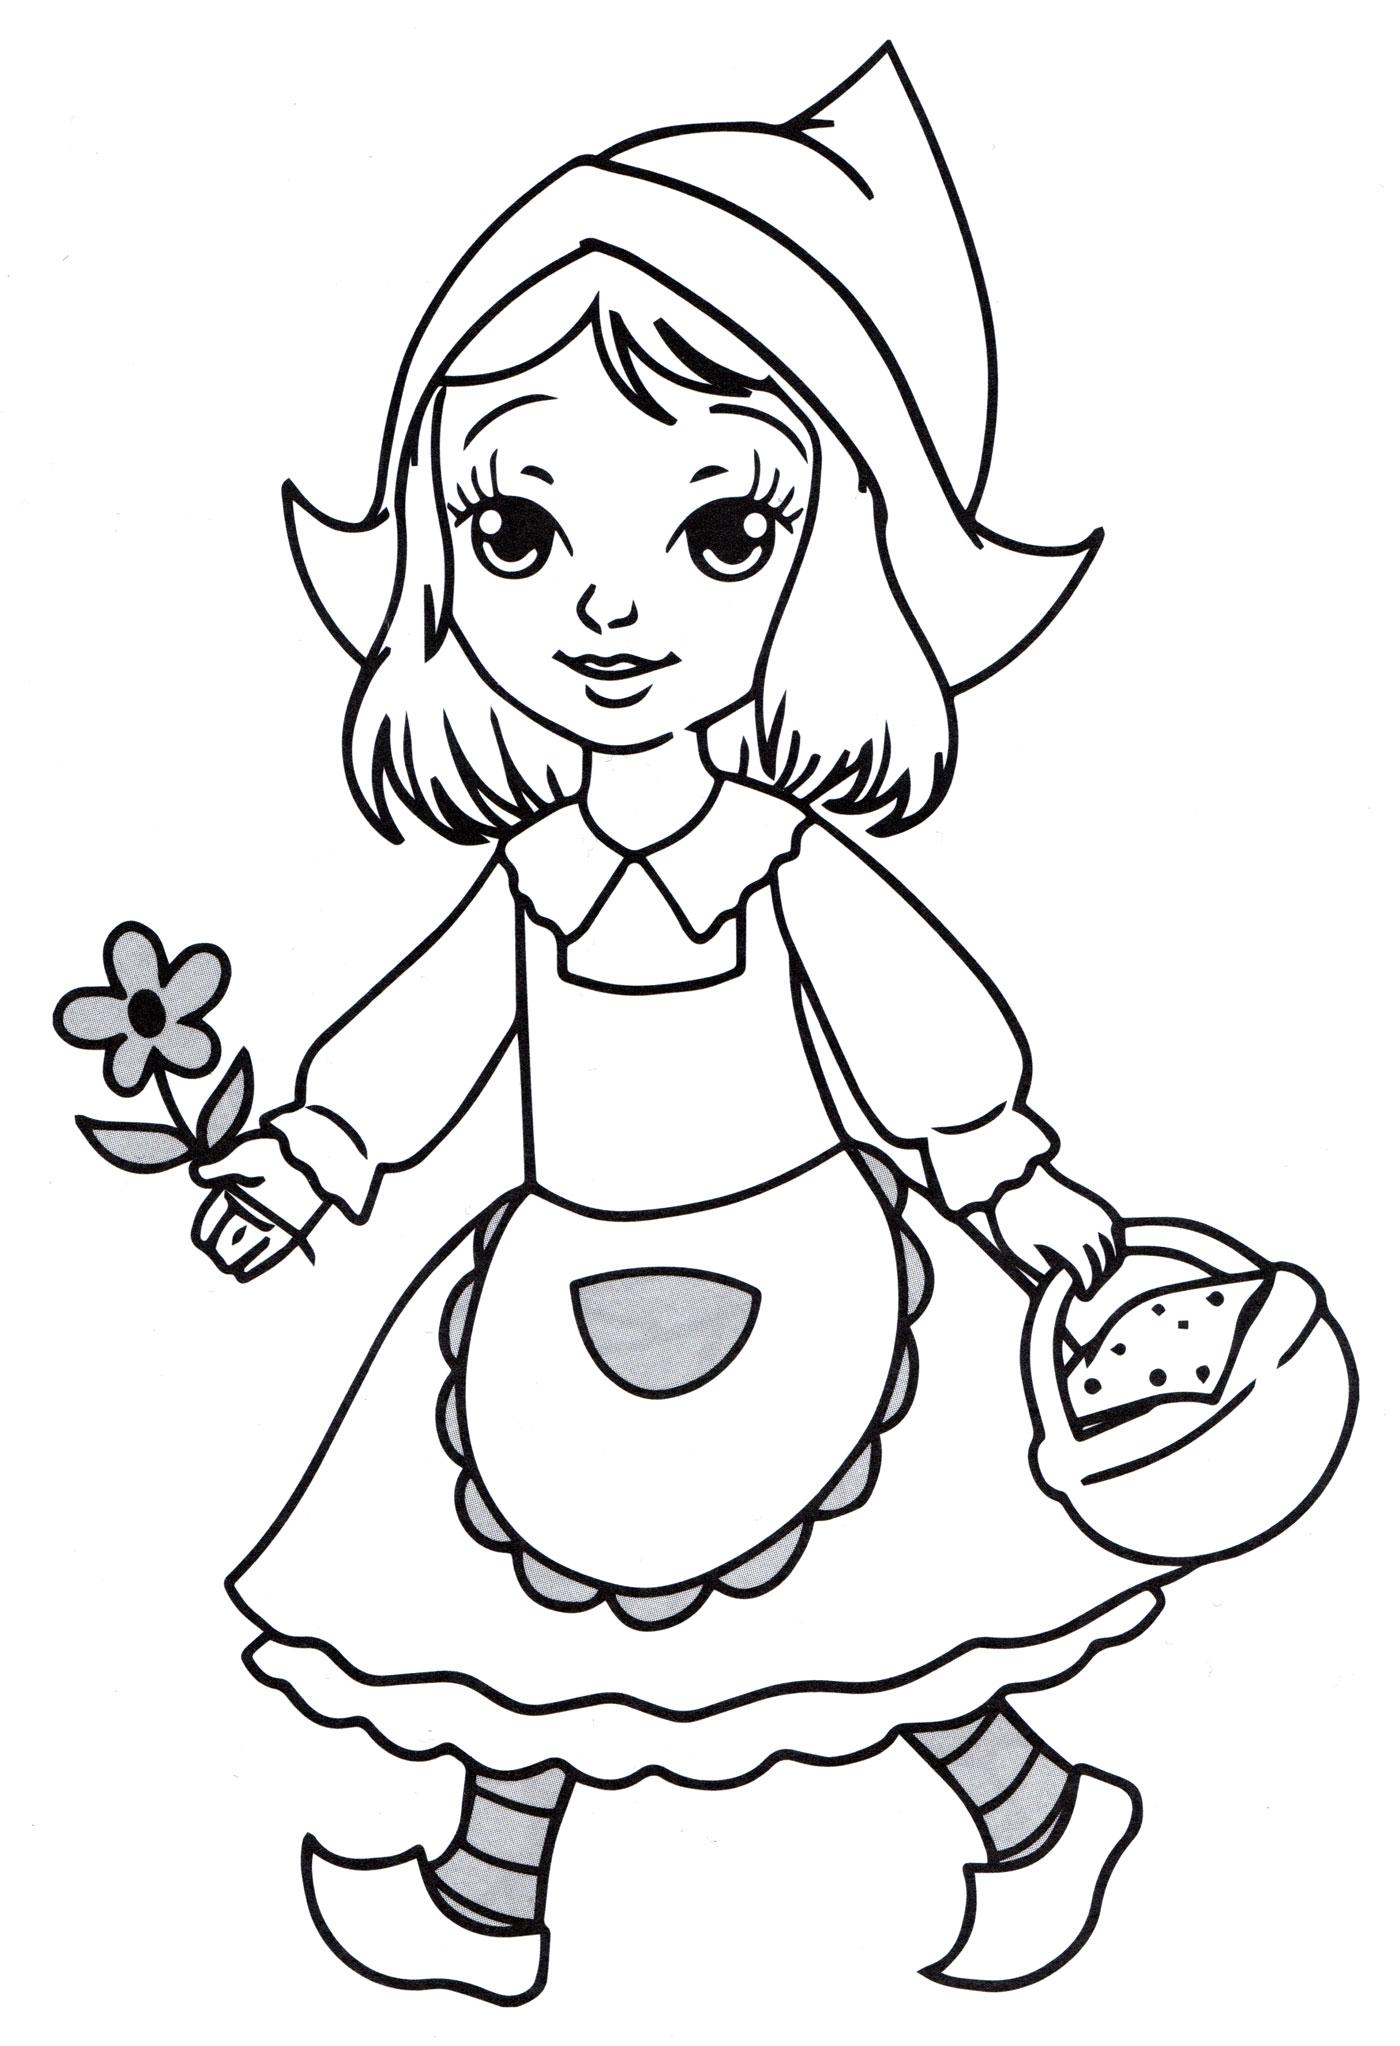 Раскраска Принцесса с цветочком - распечатать бесплатно